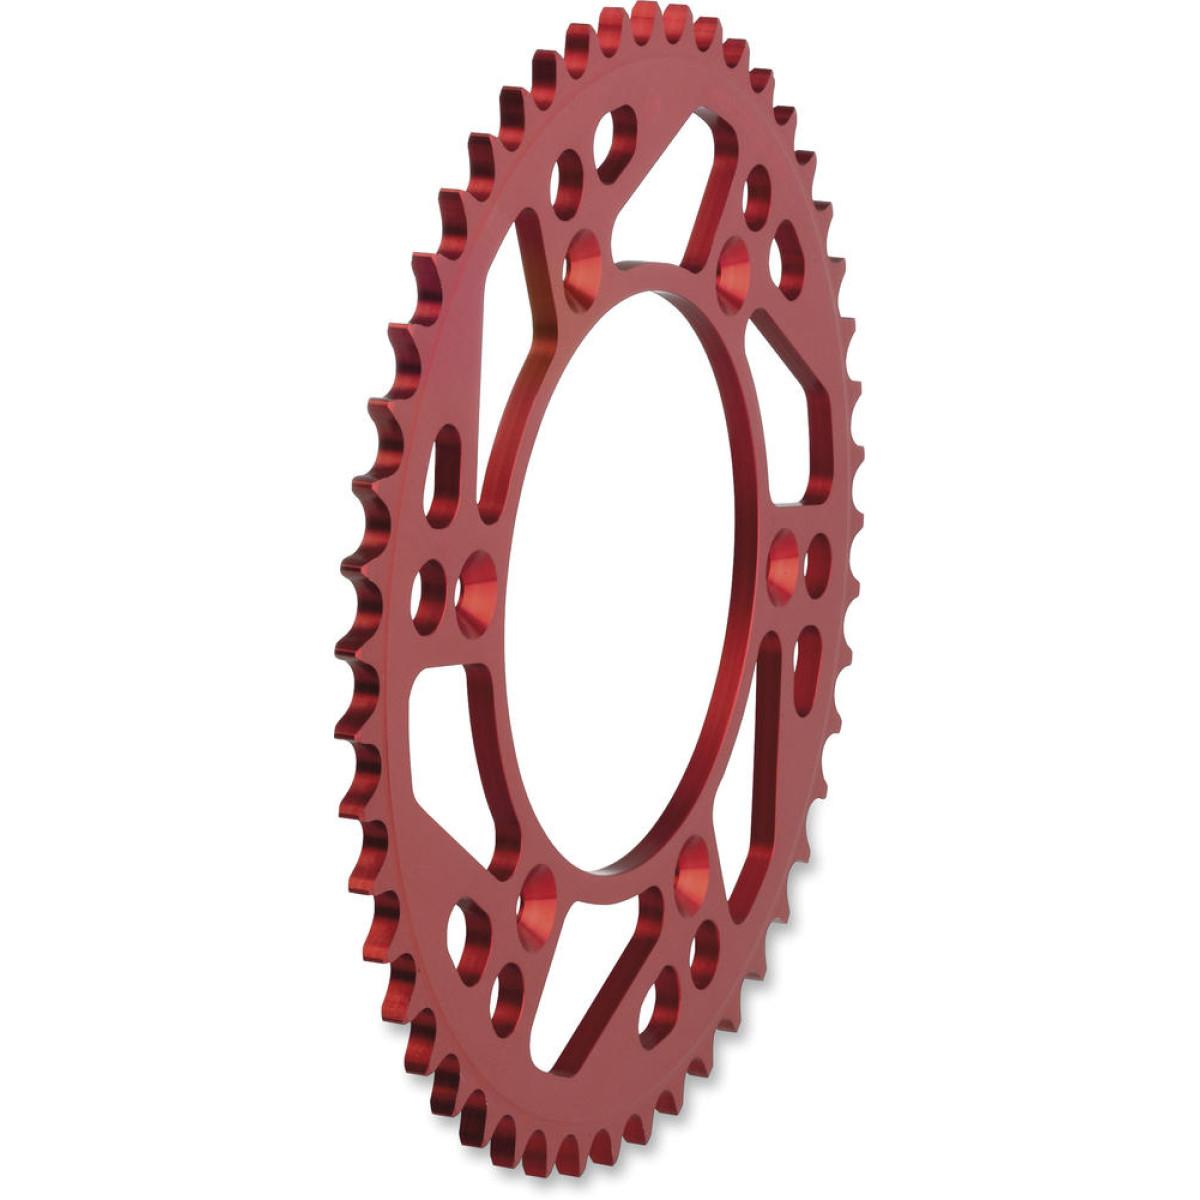 Řetězy,rozeta a řetězové kolečko